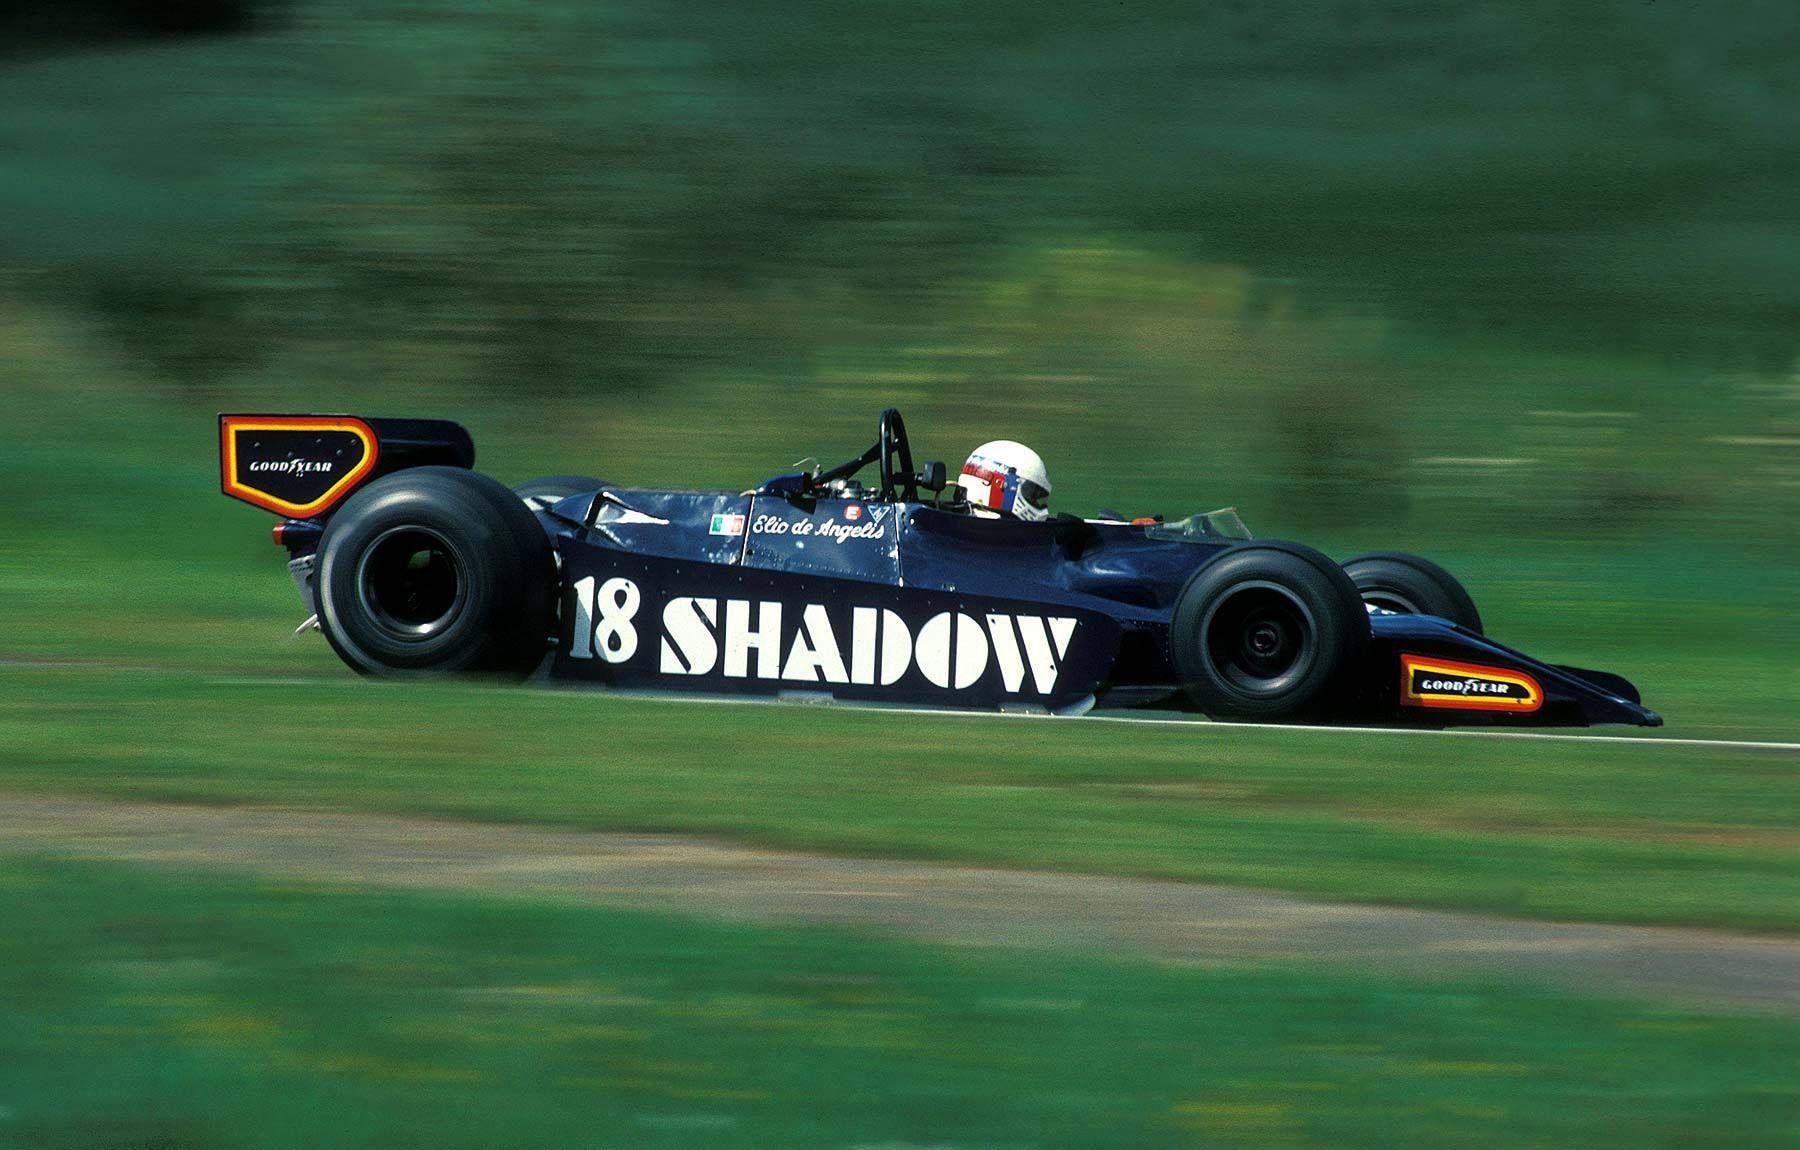 Elio de Angelis Gilles villeneuve, Le castellet, Formule 1